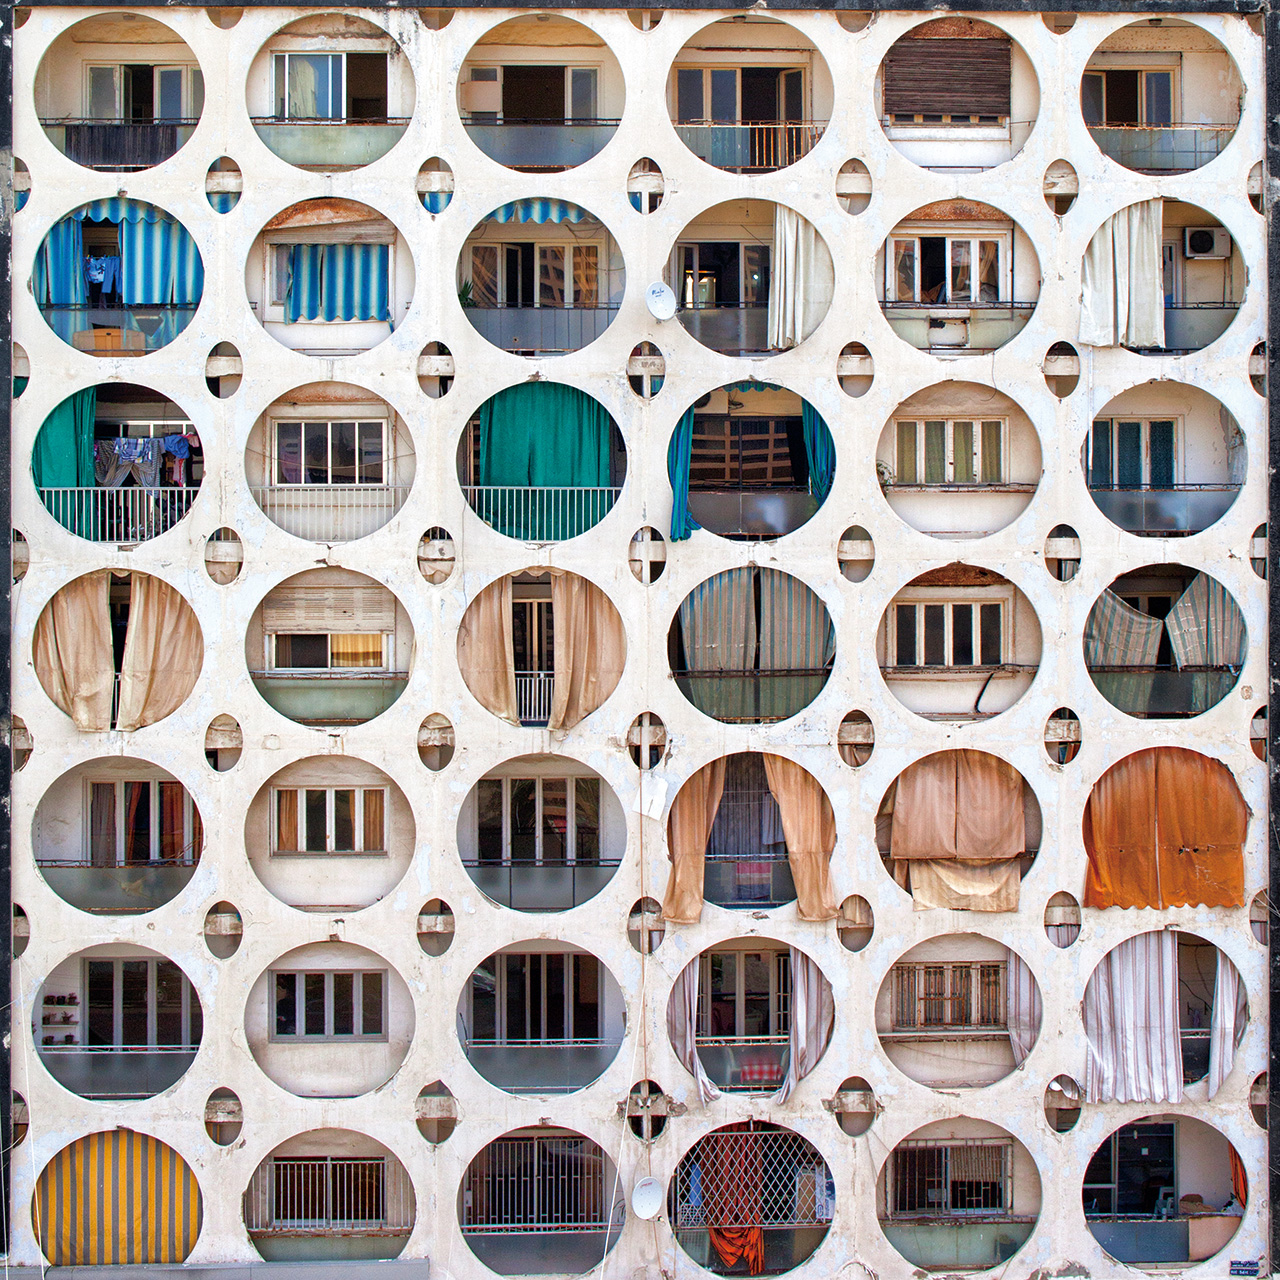 건축 사진은 더 이상 건축물을 위해서만 존재하지 않는다. 선과 면, 색과 빛을 미학적으로 탐구하며 한 도시의 거대한 패턴을 담아내는 도시 여행자들.